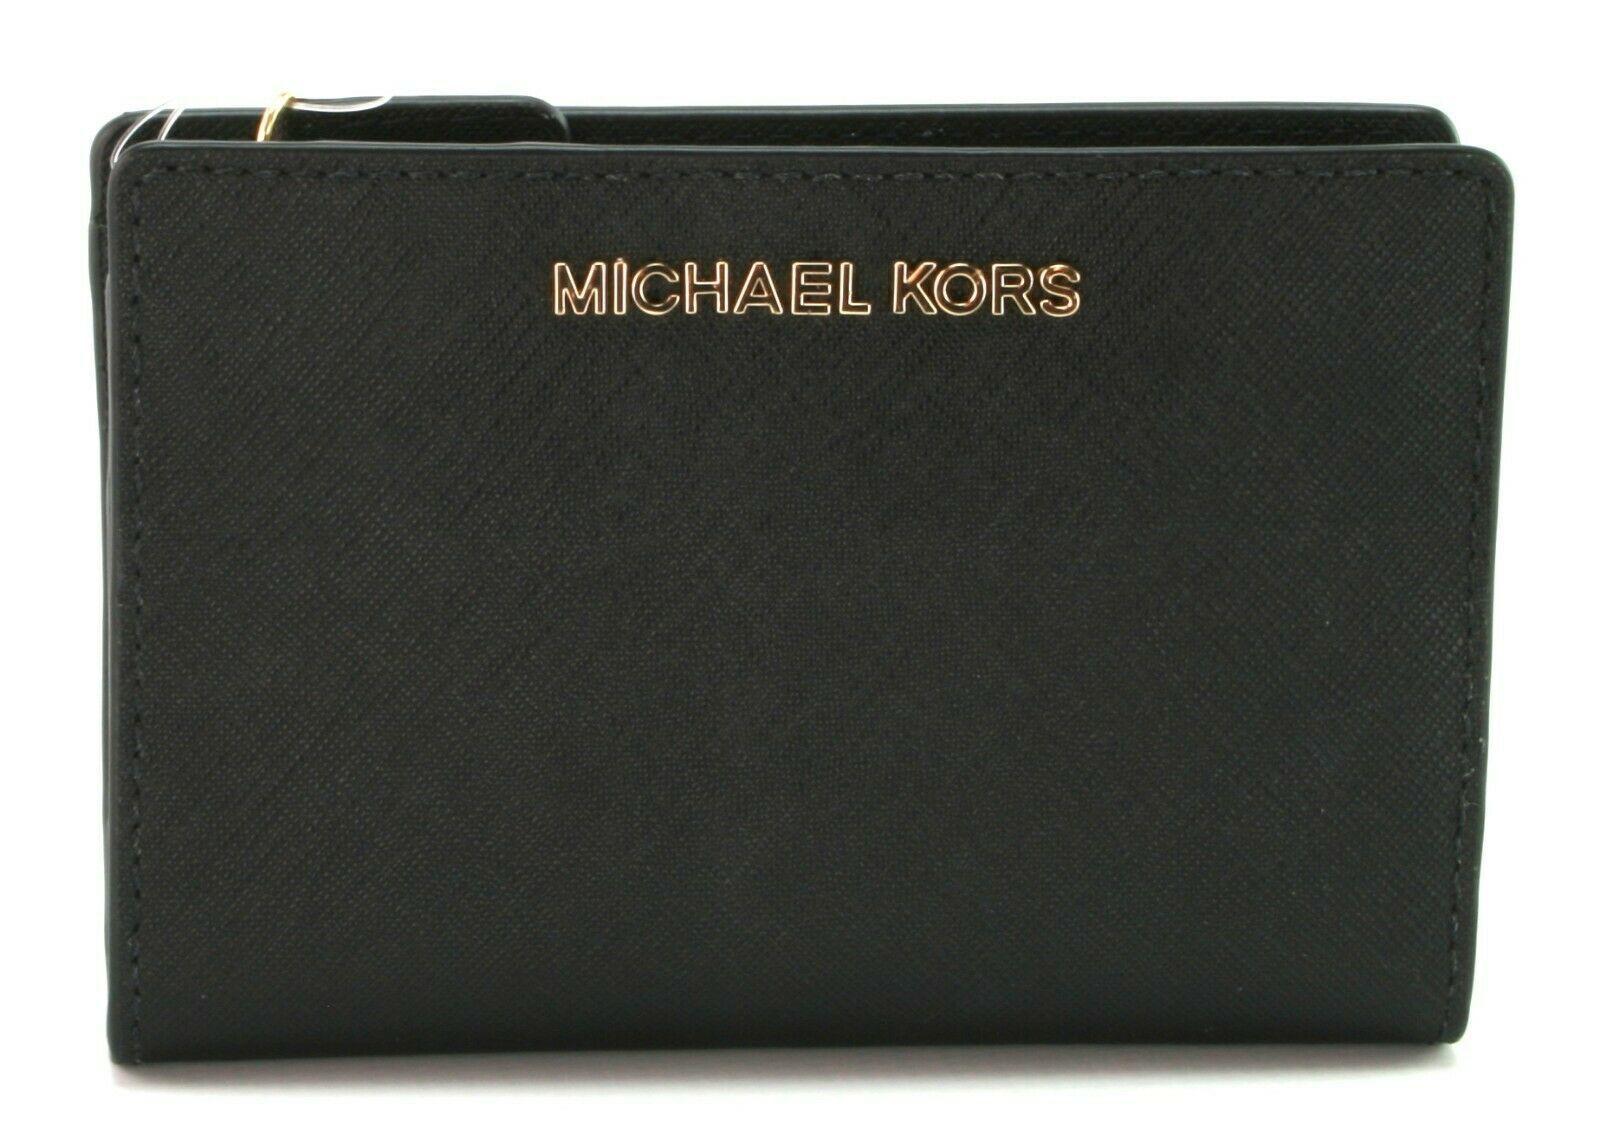 Michael Kors à Deux Volets Porte-Feuille Carryall Saffiano Cuir Noir M